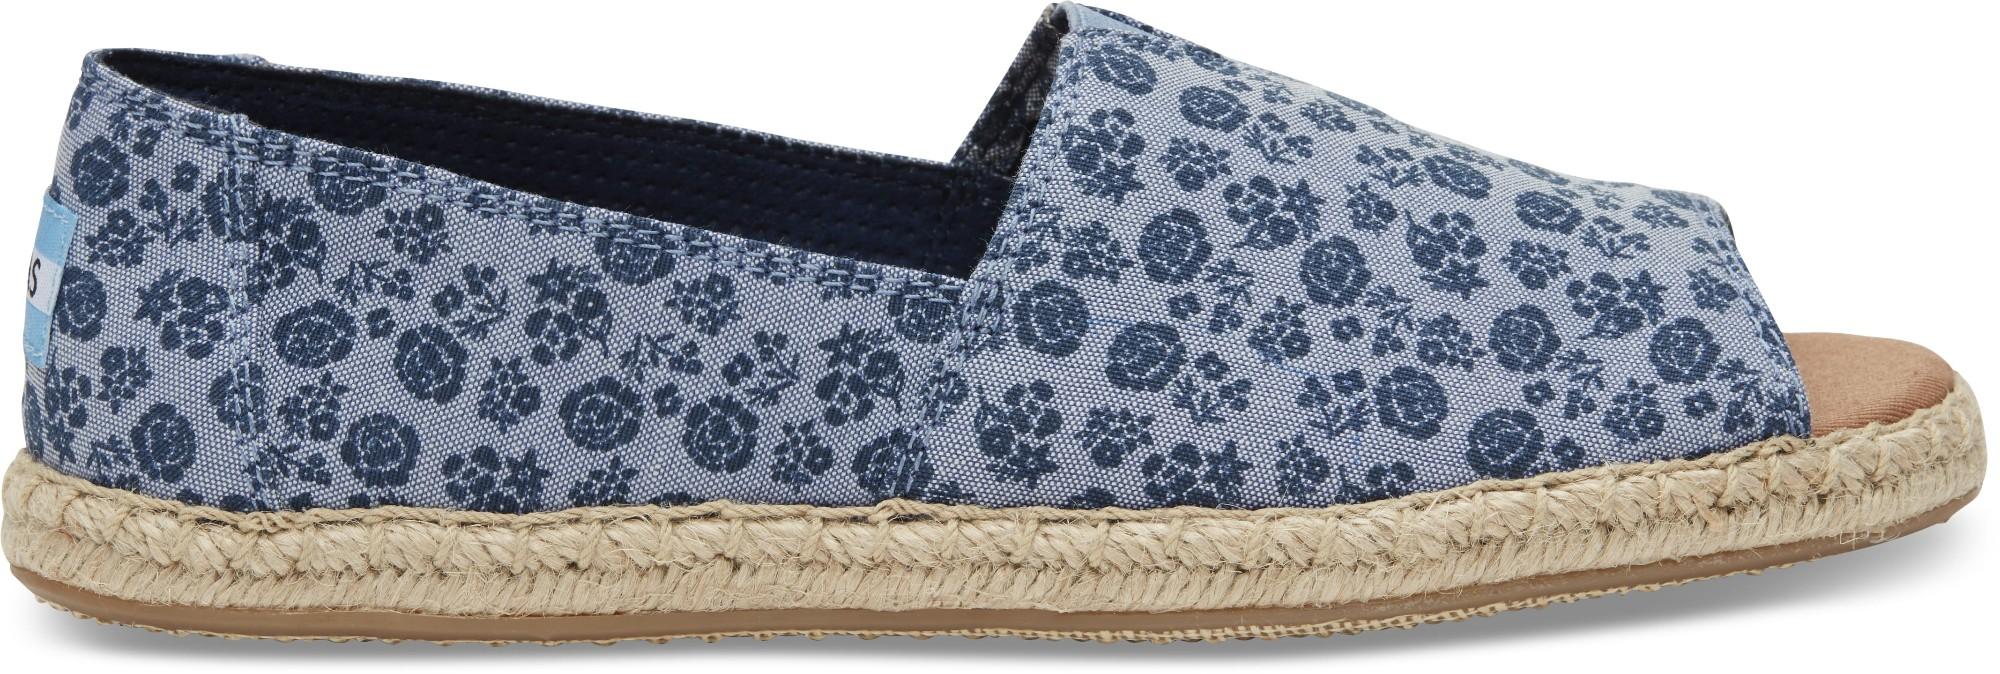 TOMS Ditsy Floral Women's Open Toe Alpargata Blue 36,5